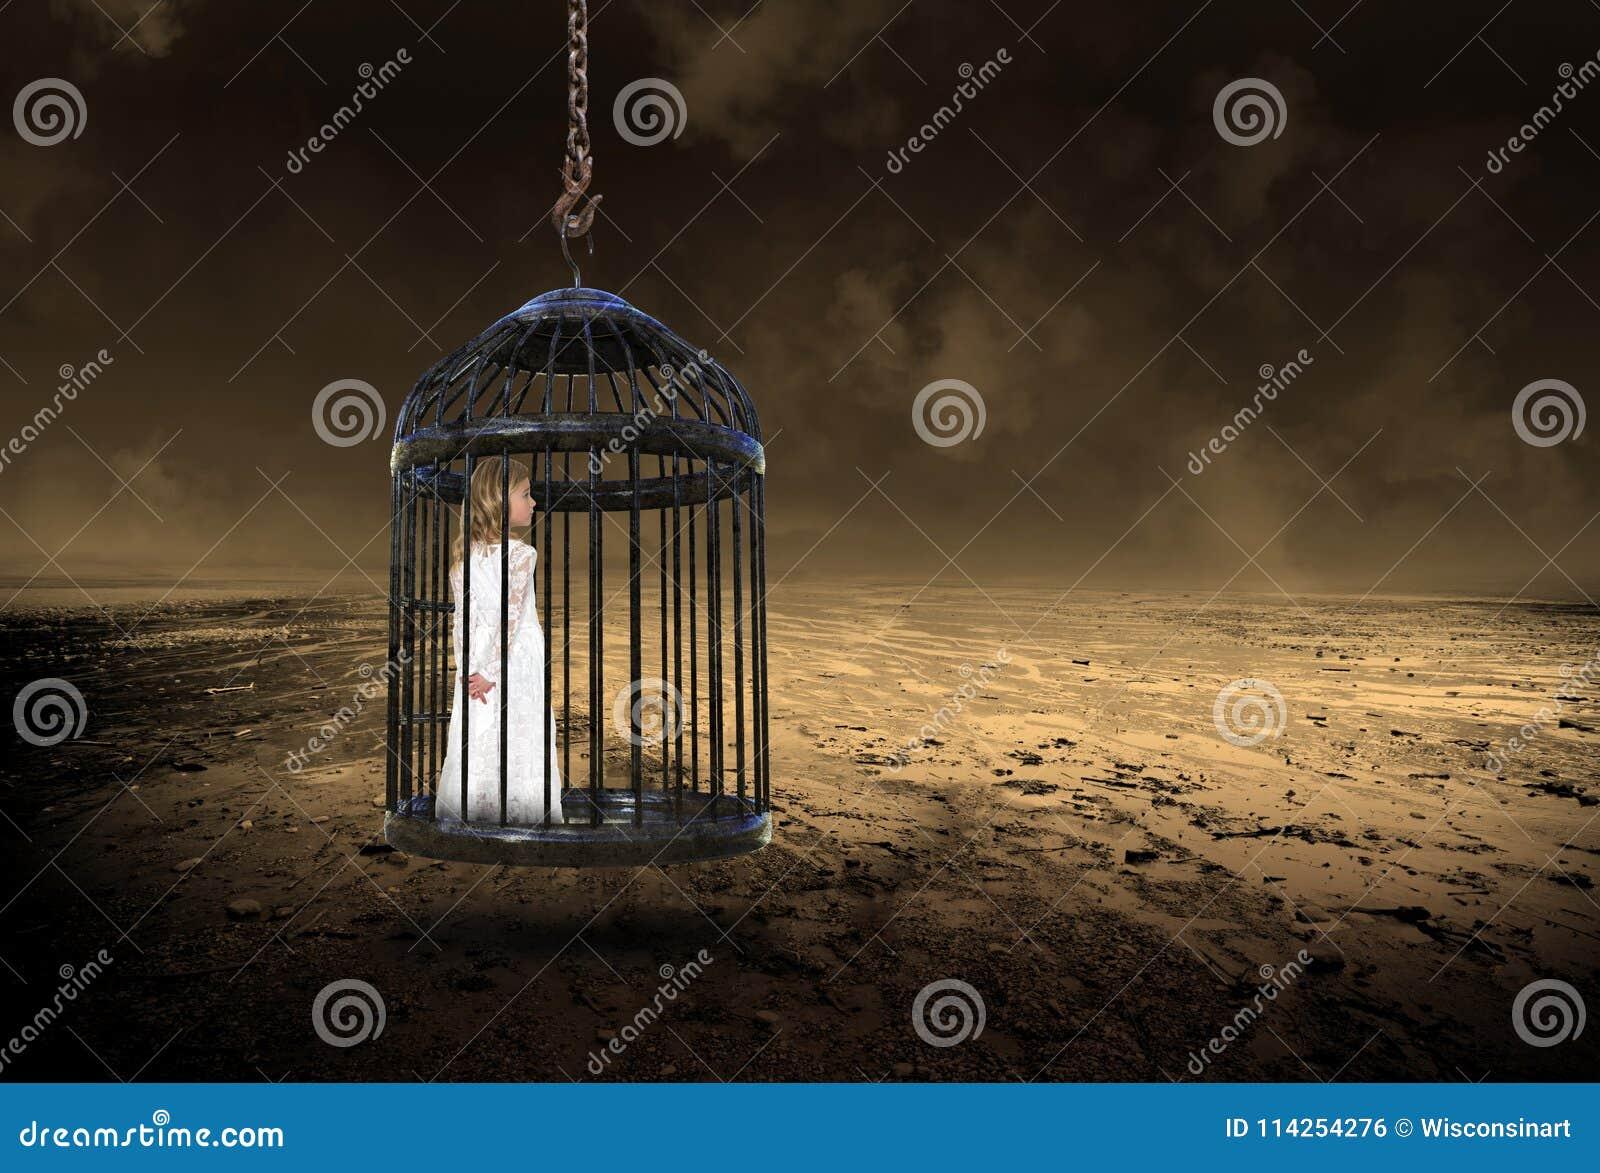 Ragazza, gabbia, amore, speranza, pace